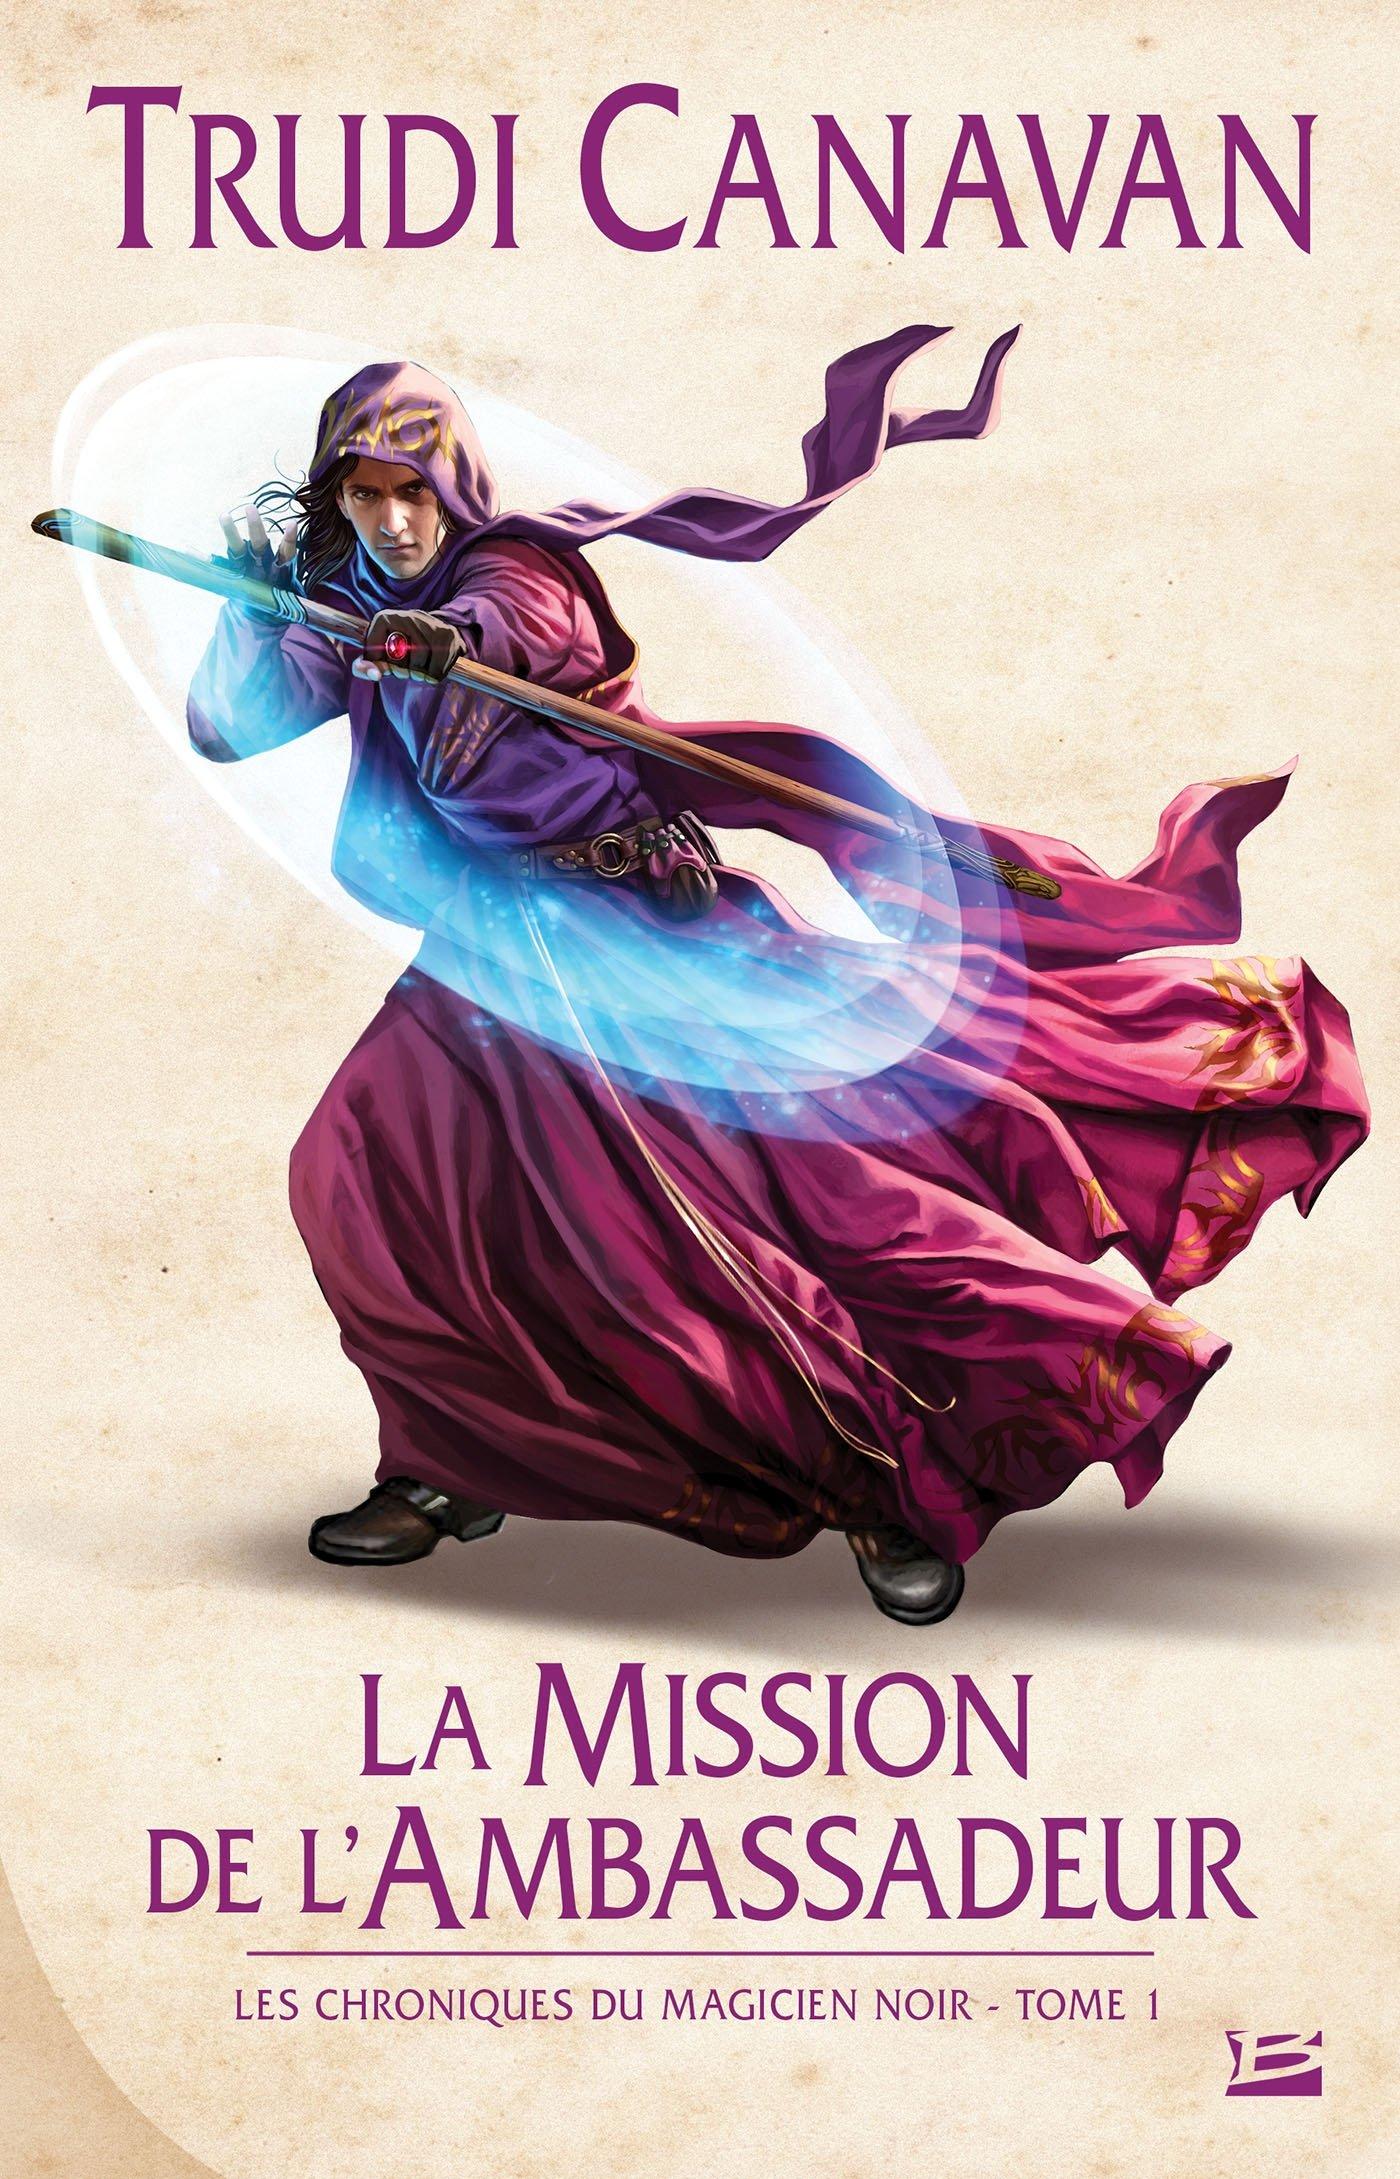 Les chroniques du Magicien noir, Tome 1 : la Mission de l'Ambassadeur 91Z9l7BXLYL